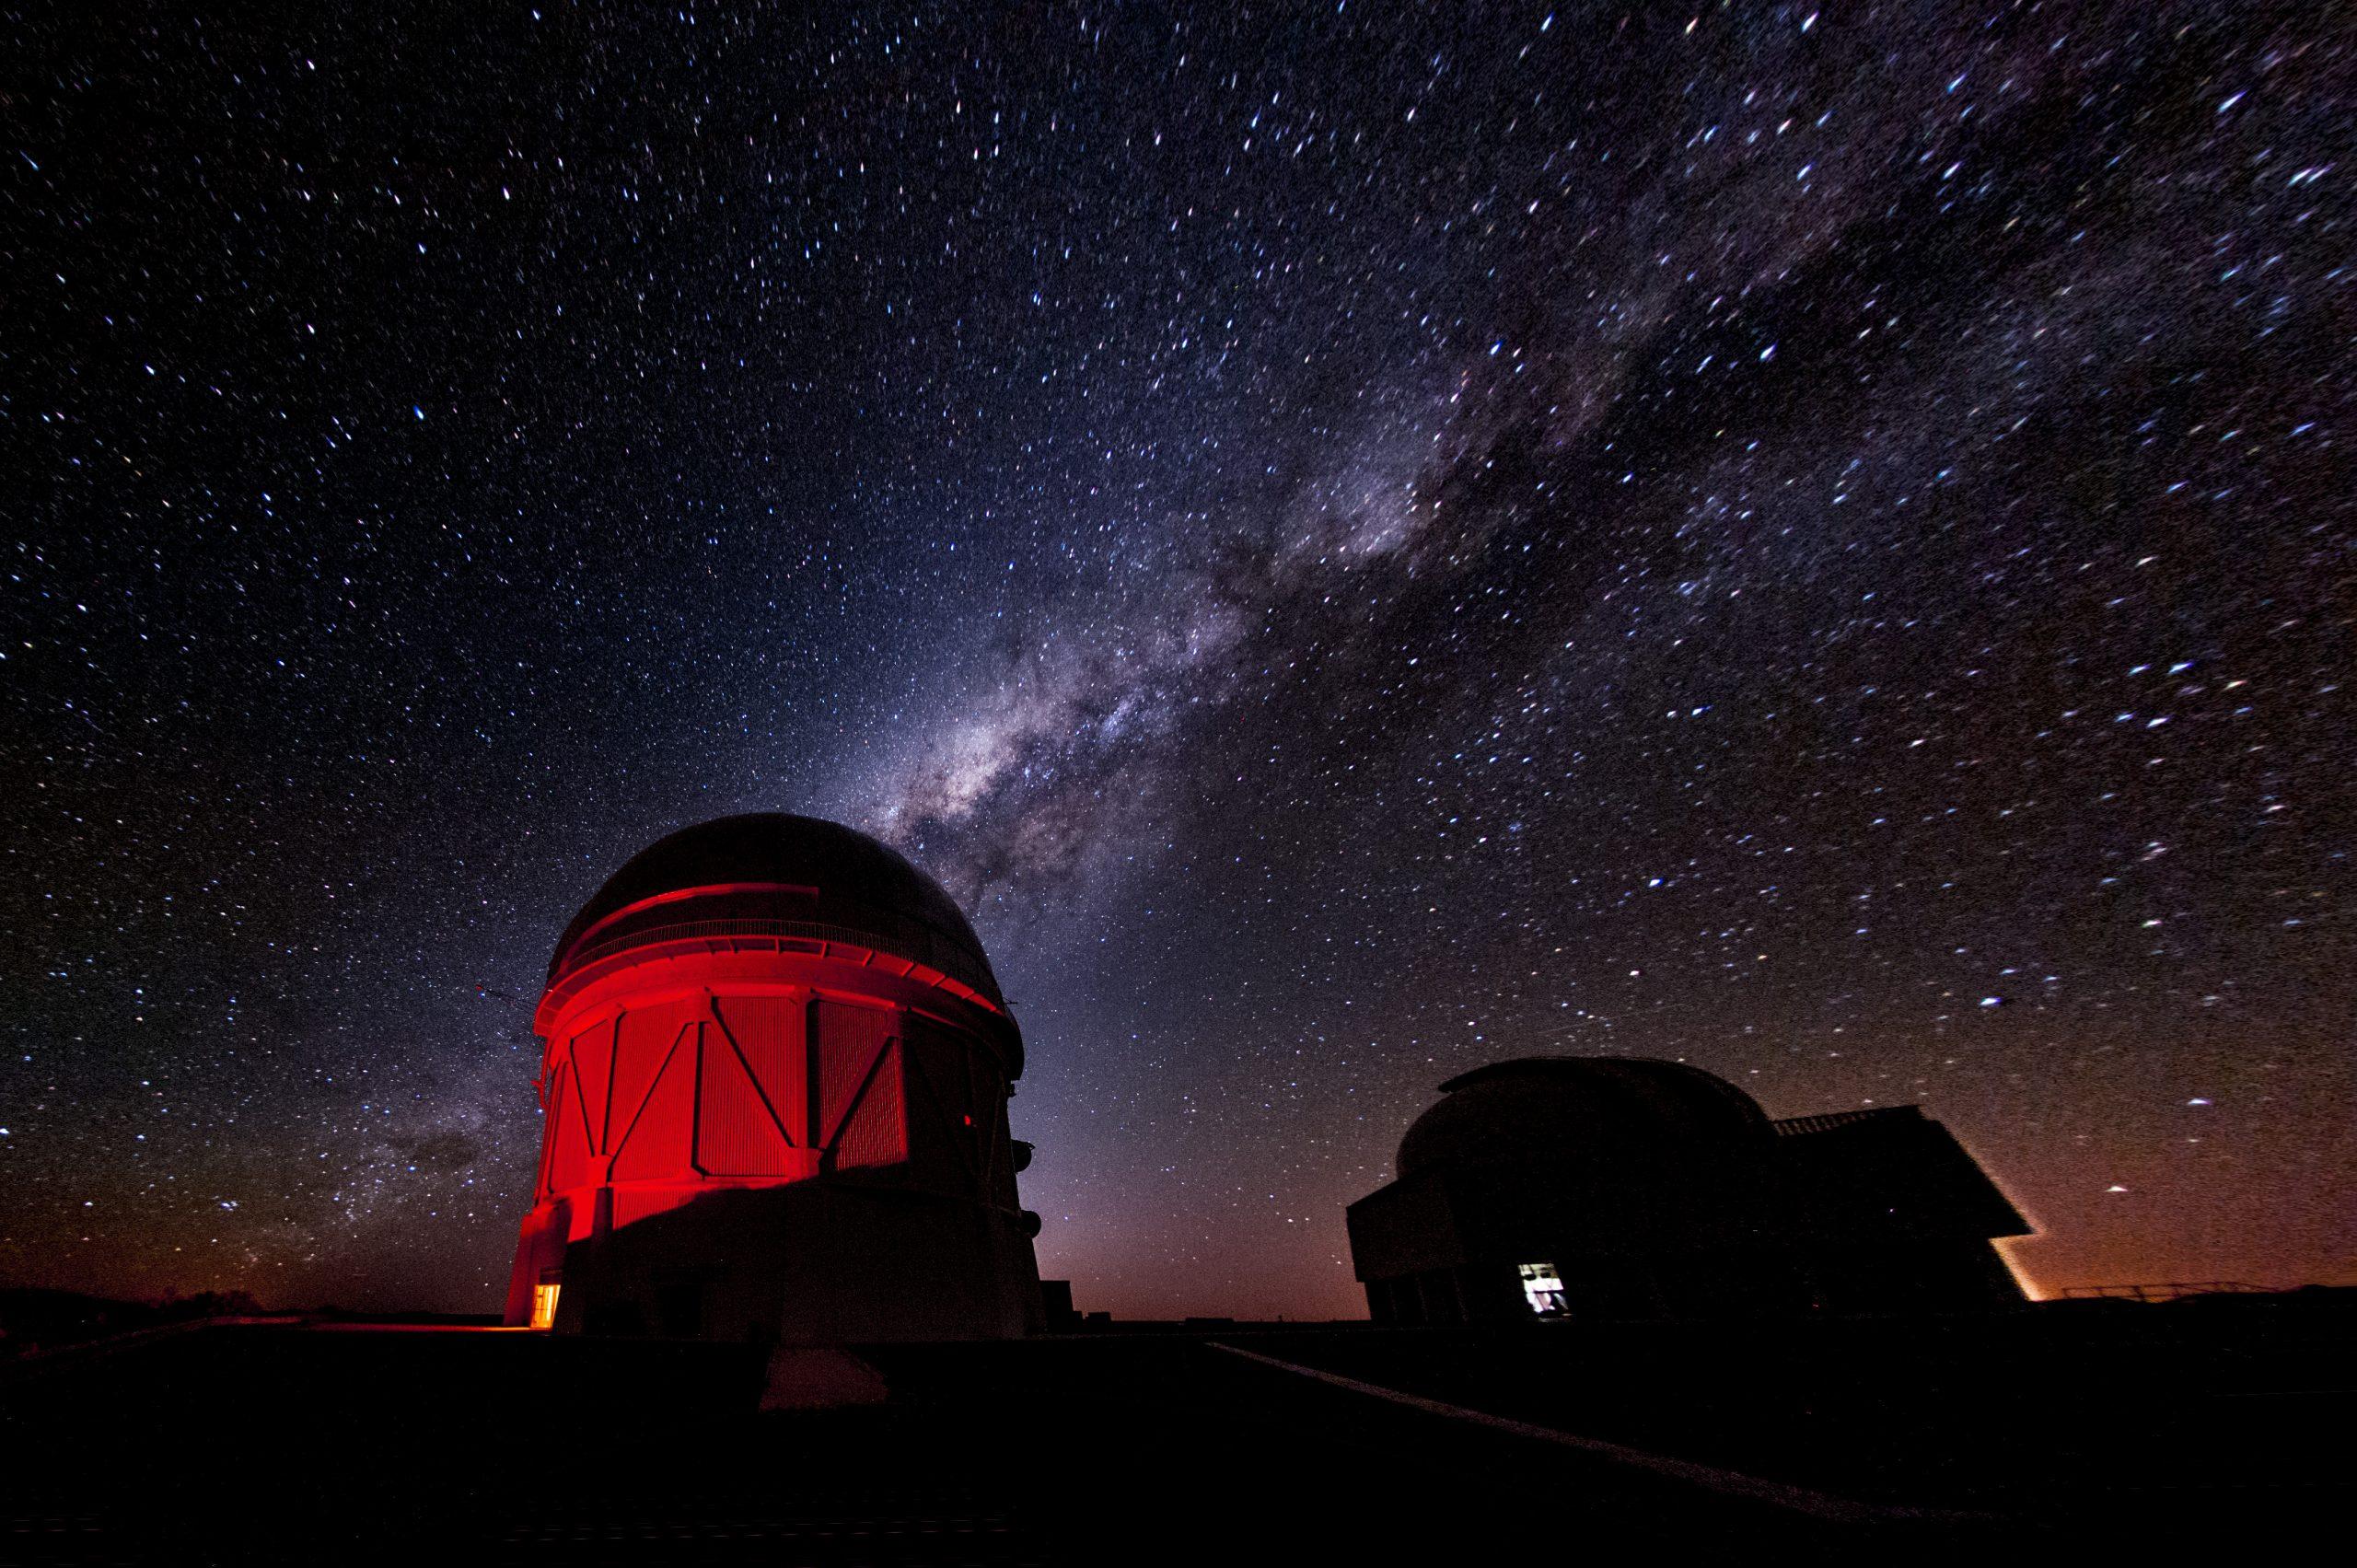 宇宙の暗黒物質の詳細マップ公開で、予想外の問題が浮上